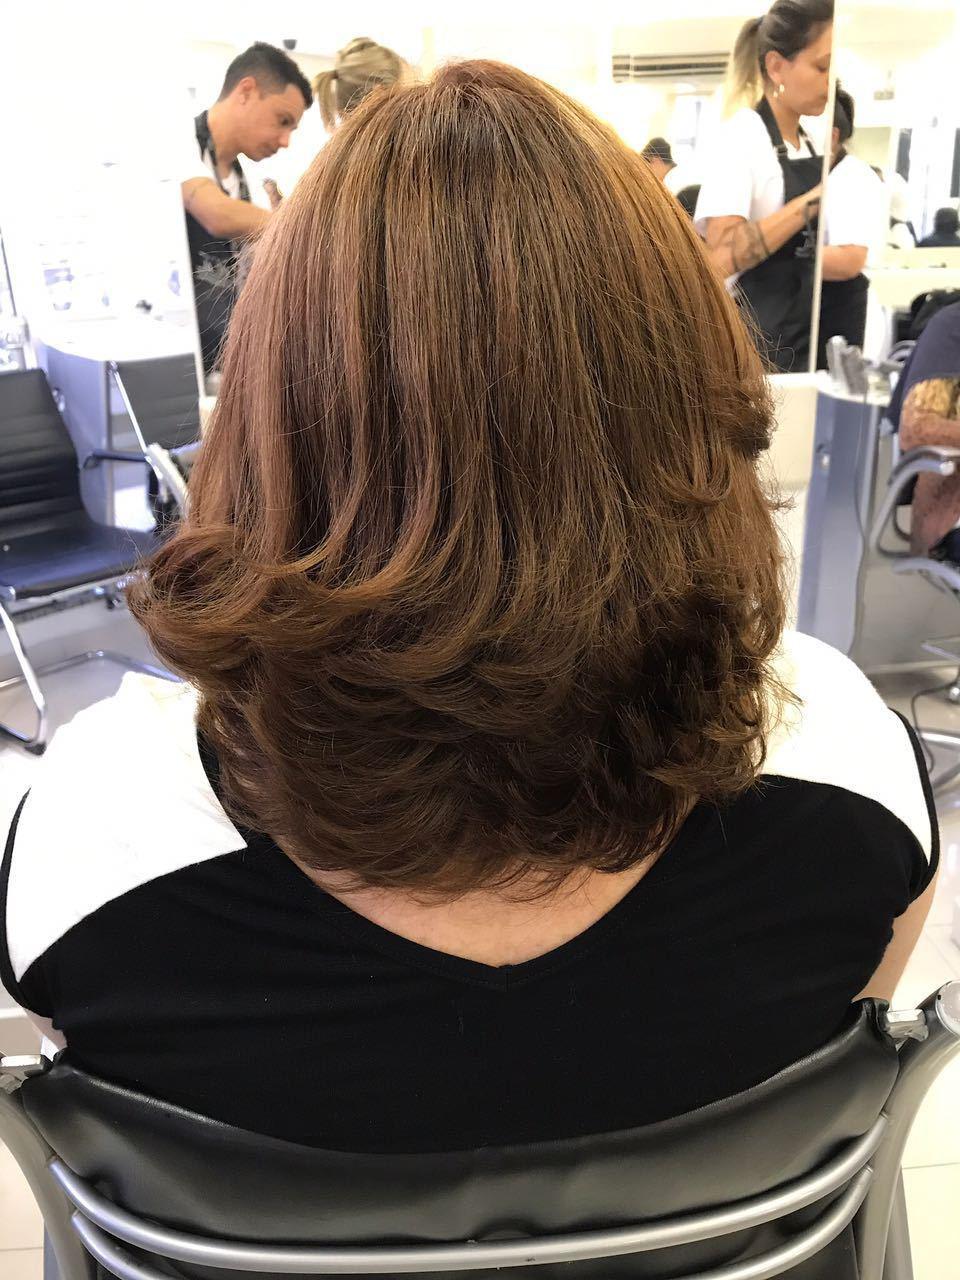 Coloração Clássica: retoque de raiz com INOA de @lorealpro , ideal para clientes que desejam nuances naturais, brilho intenso e cobertura perfeita dos cabelos brancos. #porquevocevalemuito #lorealparis #lorealbrasil #lorealpro #lorealprofissionnel #lorealcolor #coresquemarcam cabelo estudante (cabeleireiro) auxiliar cabeleireiro(a) cabeleireiro(a)